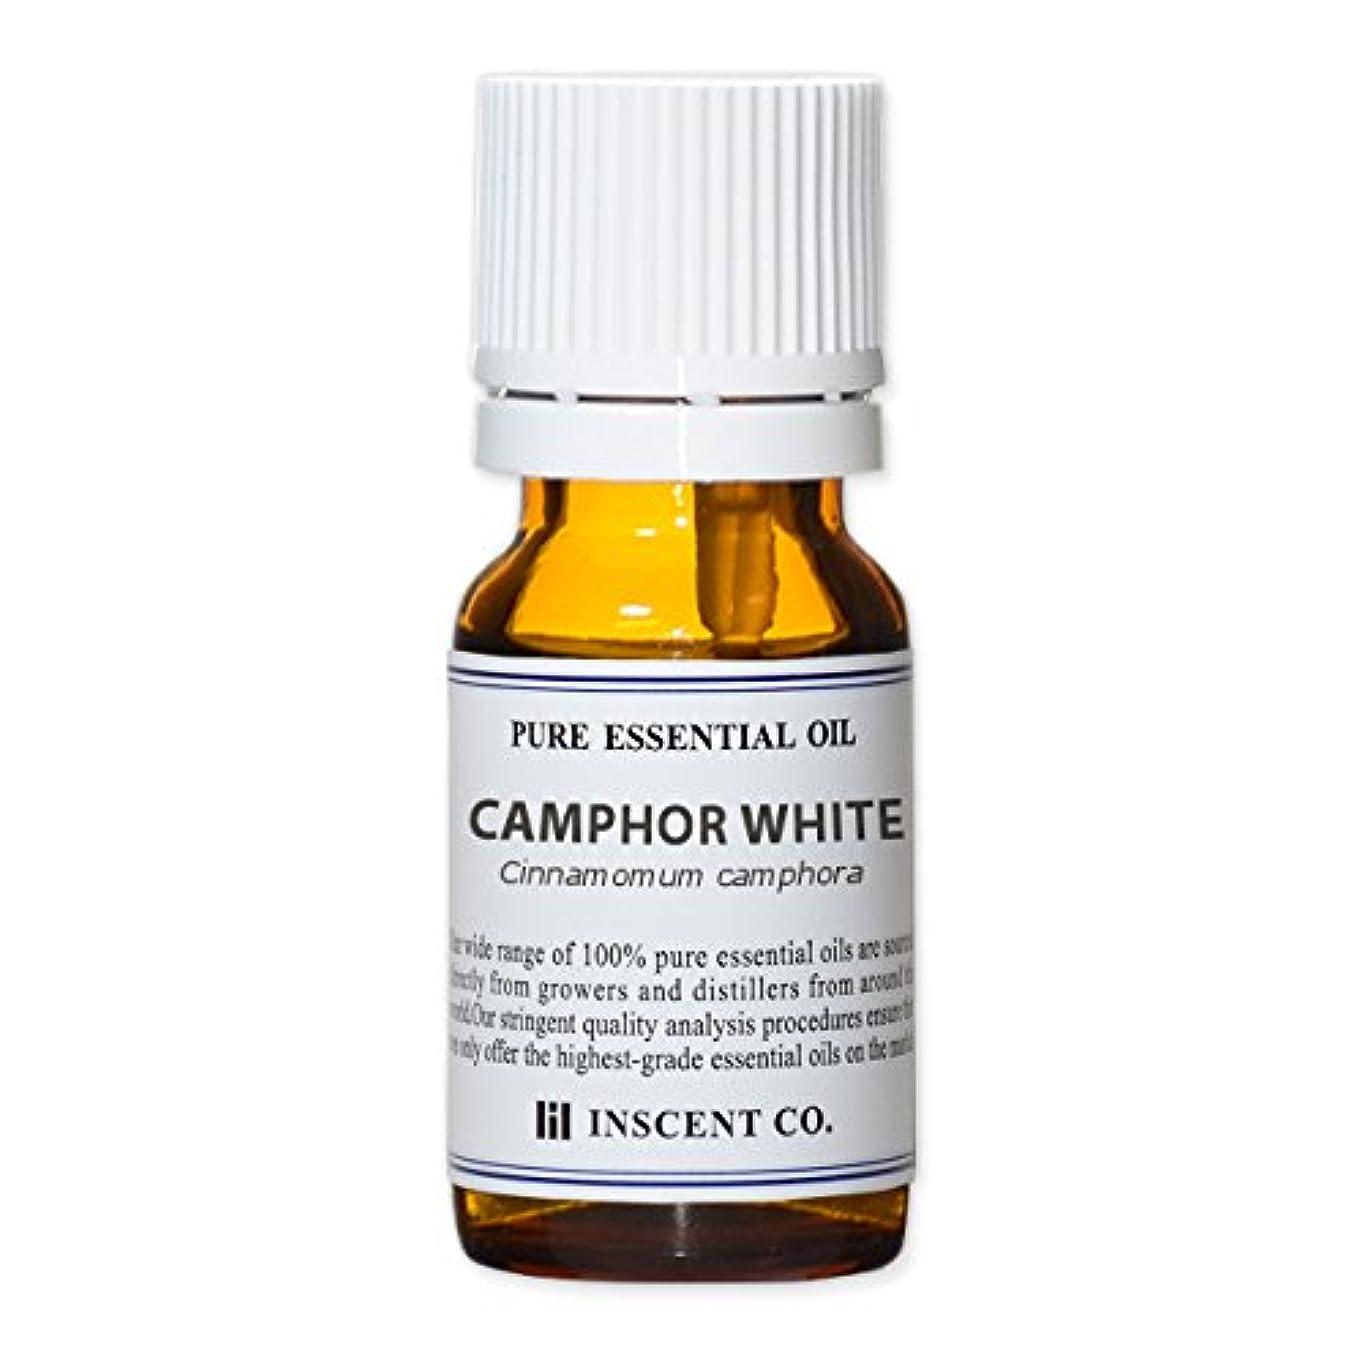 アッパー自動化少しカンファー (ホワイト) 10ml インセント アロマオイル AEAJ 表示基準適合認定精油